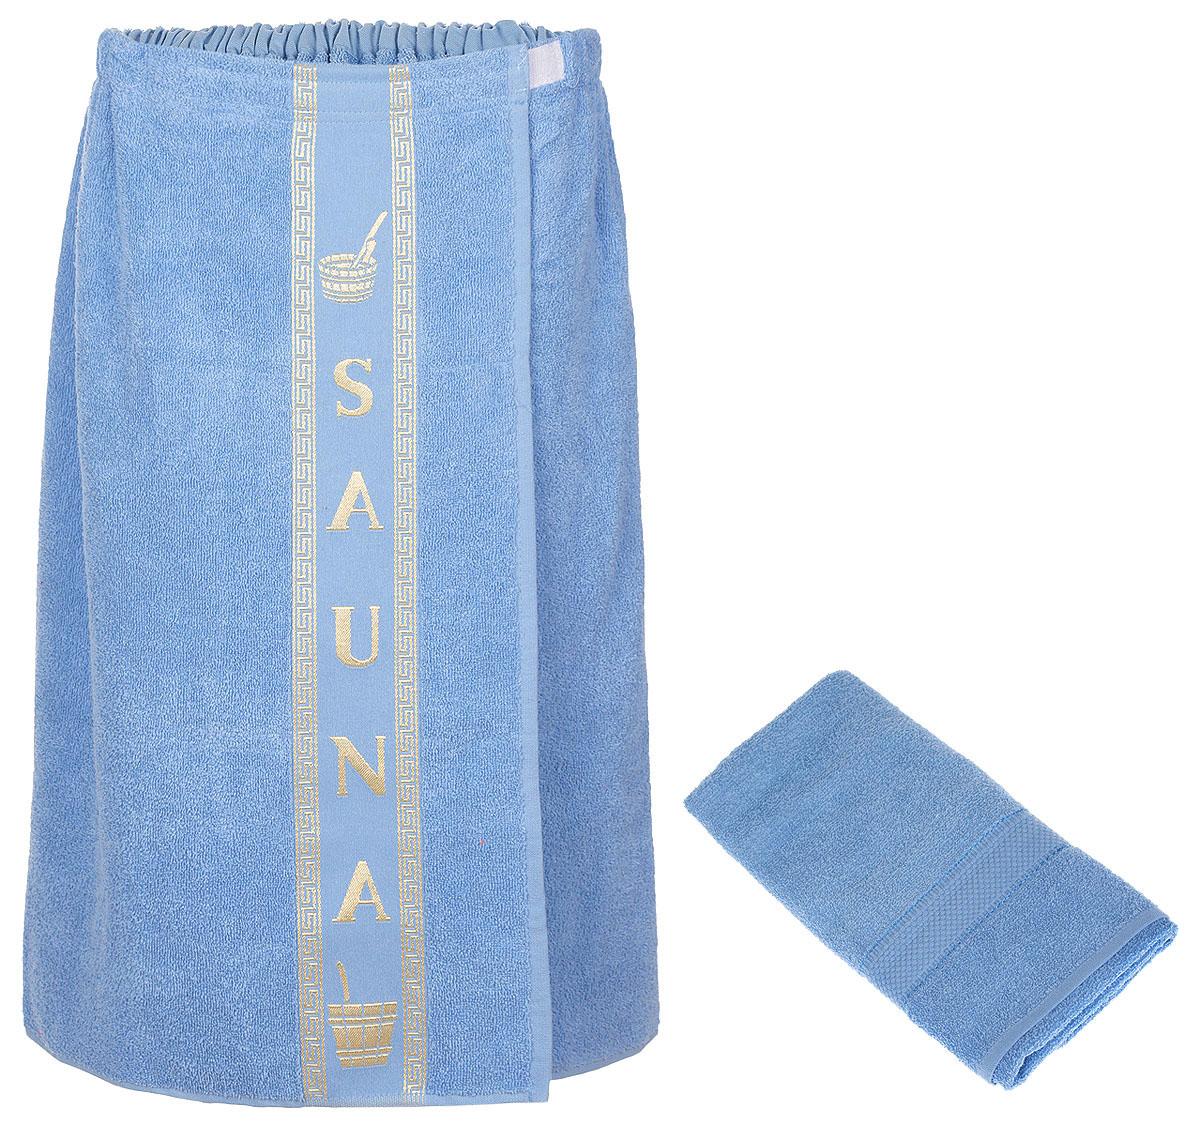 Набор для бани и сауны Arya, мужской, цвет: голубой, 2 предметаF0003860голубойНабор для бани и сауны Arya, выполненный из 100% хлопка, состоит из килта и полотенца. Банный килт- это многофункциональное полотенце специального покроя с резинкой и липучкой, благодаря которым вы сами регулируете размер. В парилке можно использовать как коврик, после душа вытираться. Полотенце - незаменимая вещь, которая обладает невероятной мягкостью и удивительной впитываемостью. Благодаря качественному хлопковому сырью и удобному фасону предметов набора Arya вы будете получать настоящий комфорт. Размер килта: 75 х 150 см. Размер полотенца: 50 х 90 см.